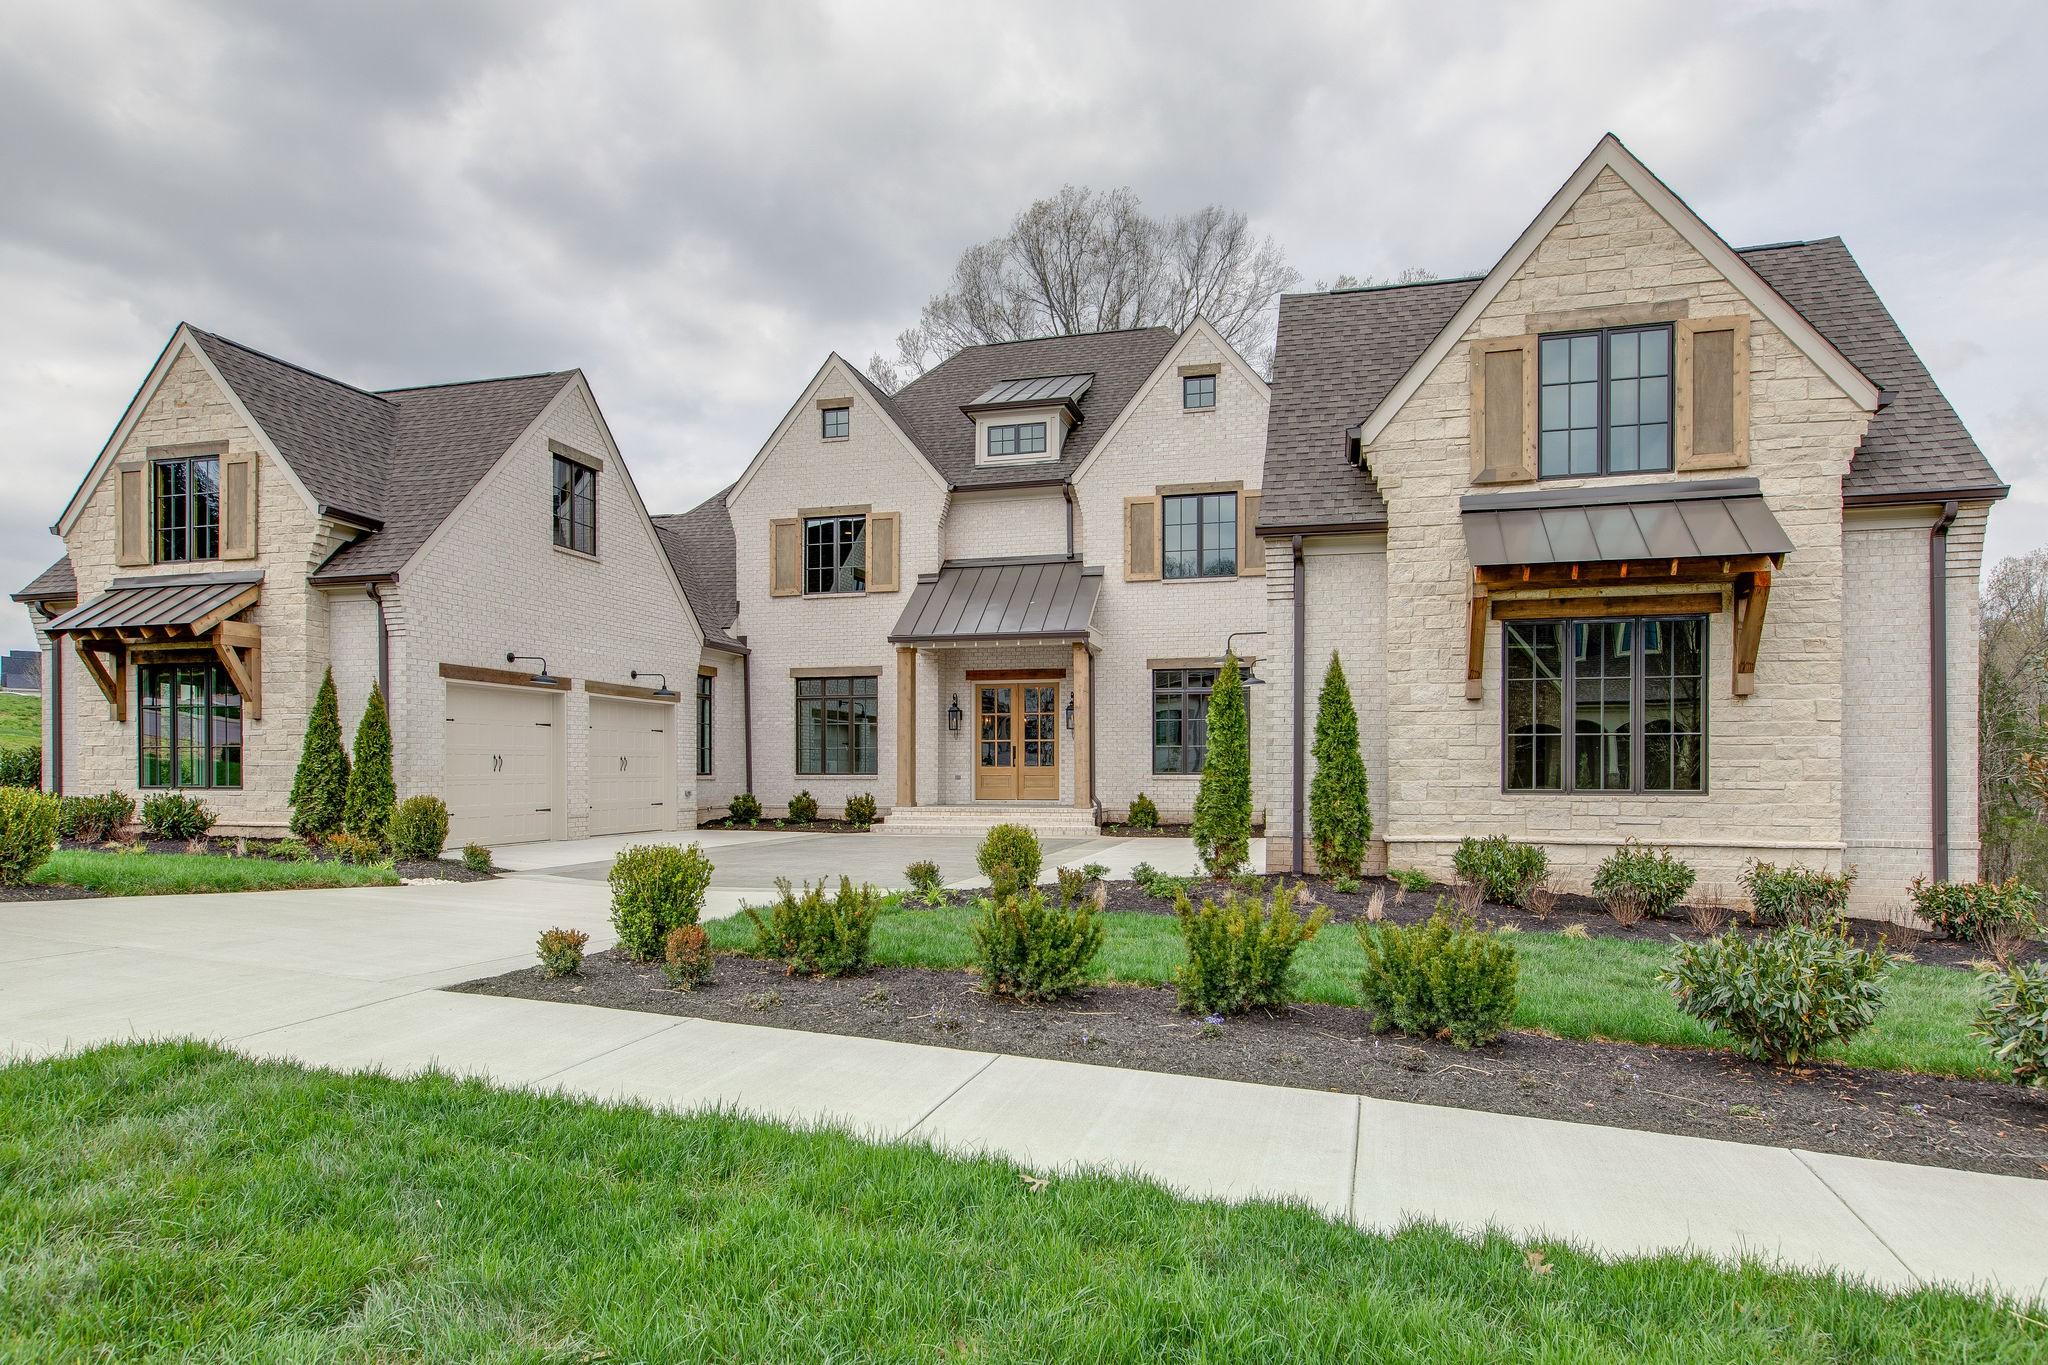 8614 Belladonna Dr (Lot 7047), College Grove, TN 37046 - College Grove, TN real estate listing